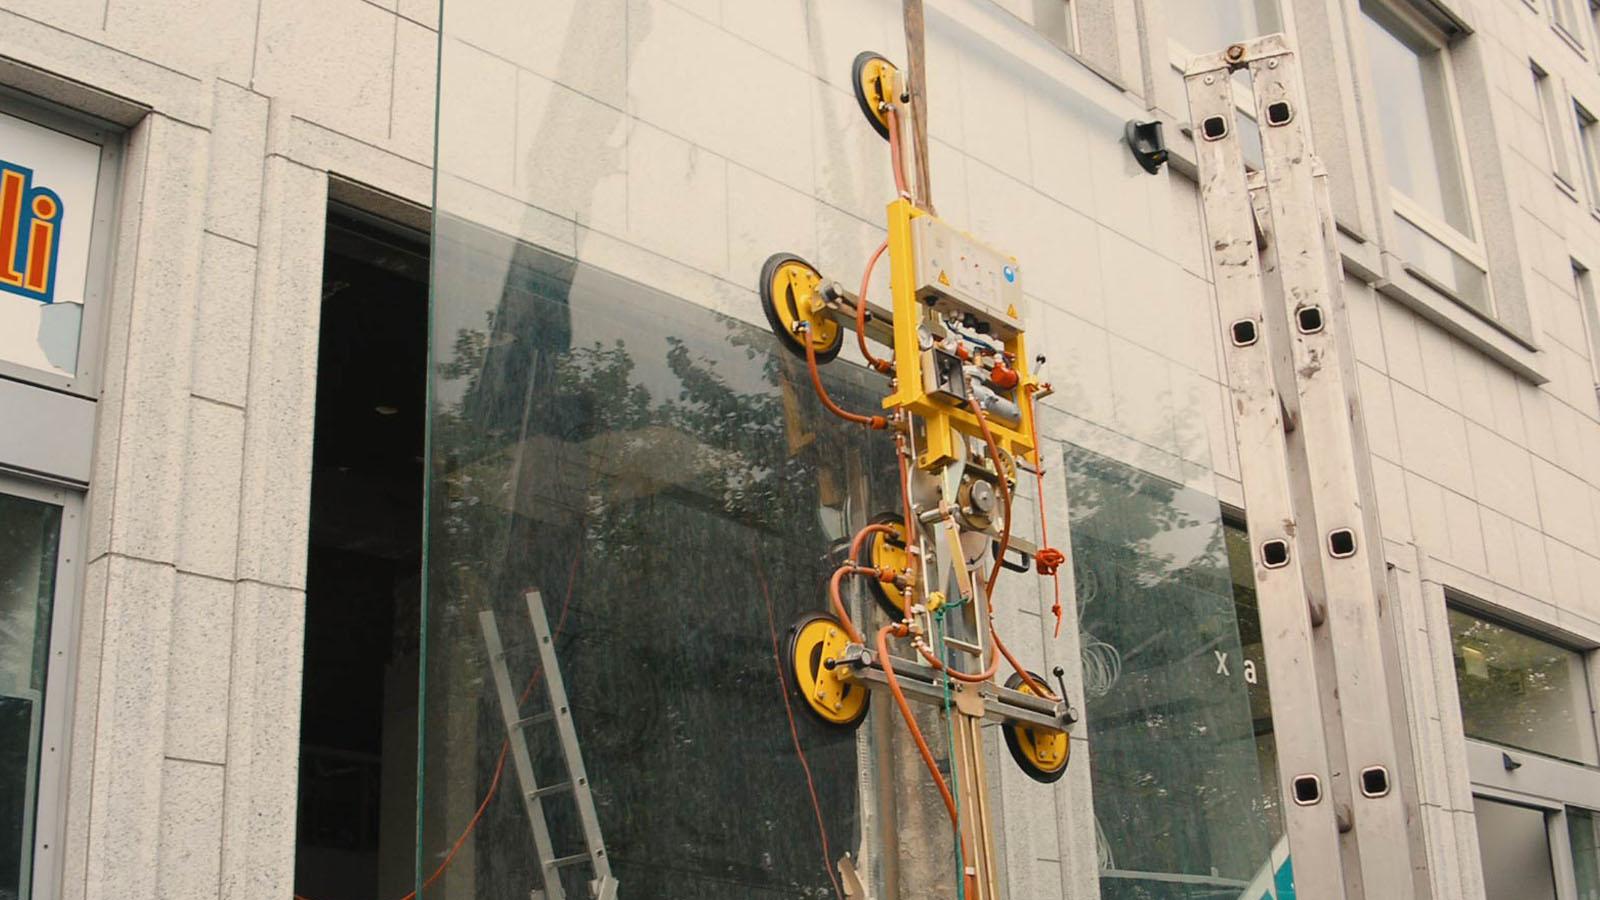 Schaufenstereinbau mit Kran